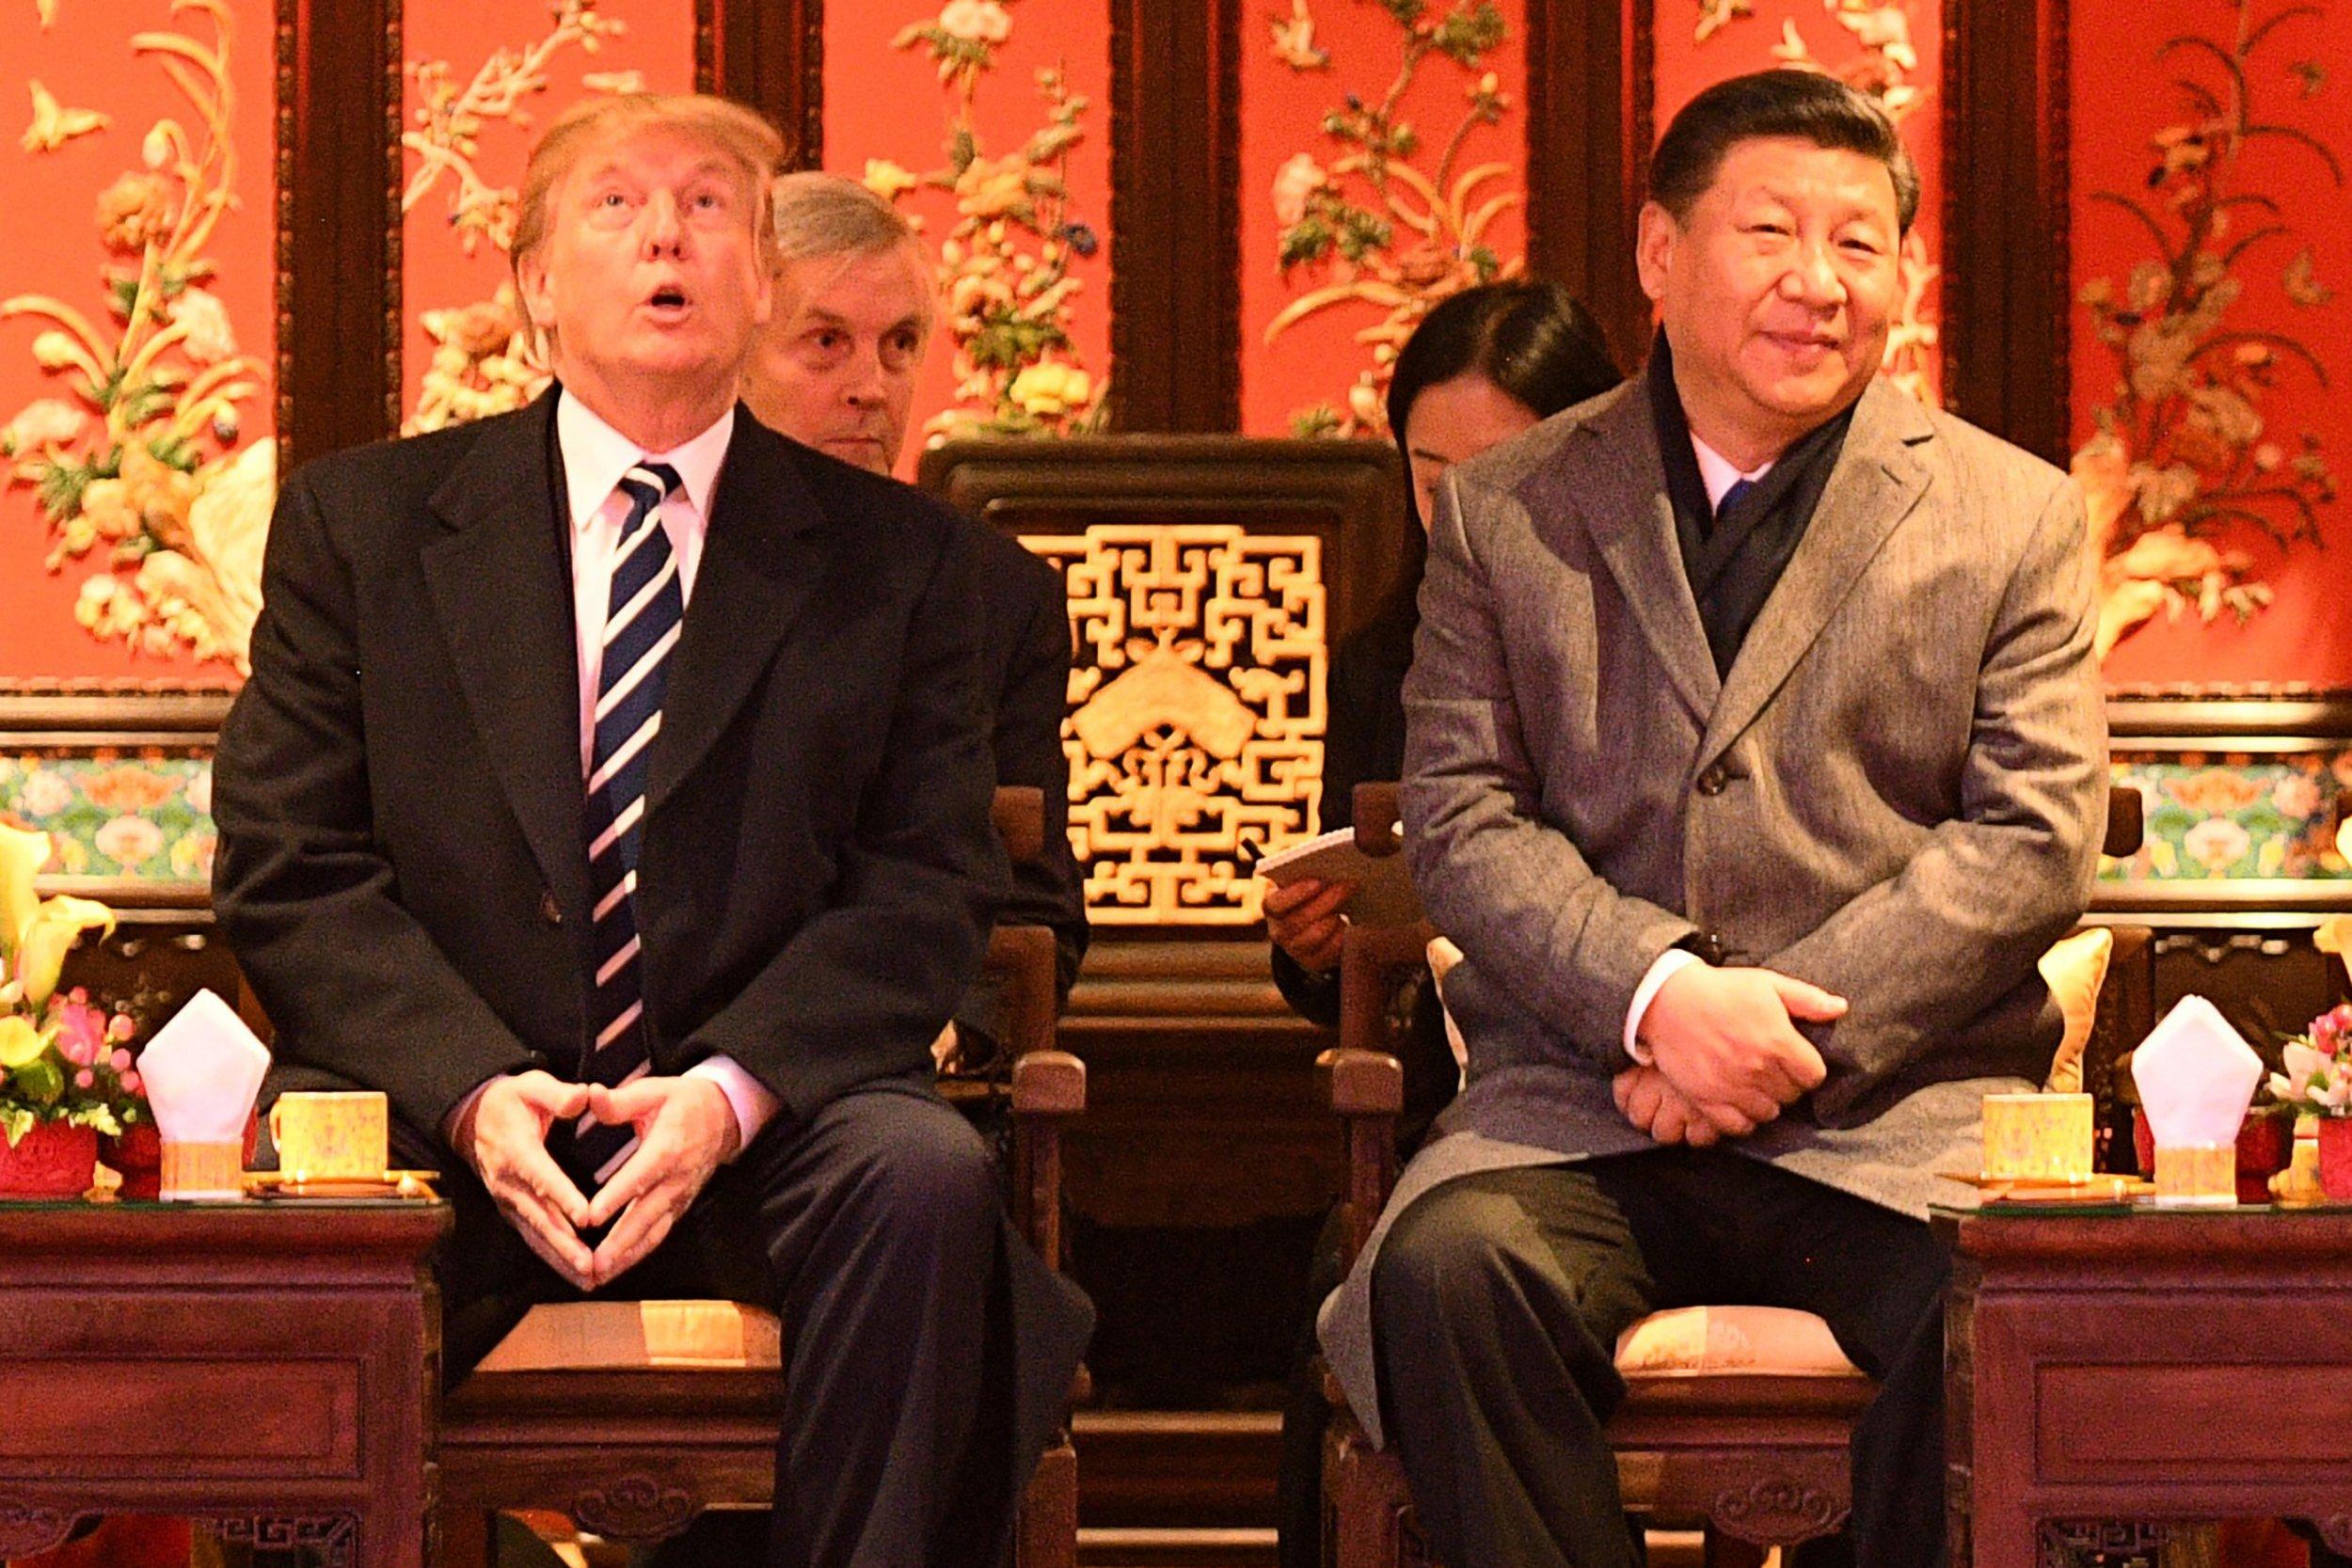 11_8_Trump_Xi